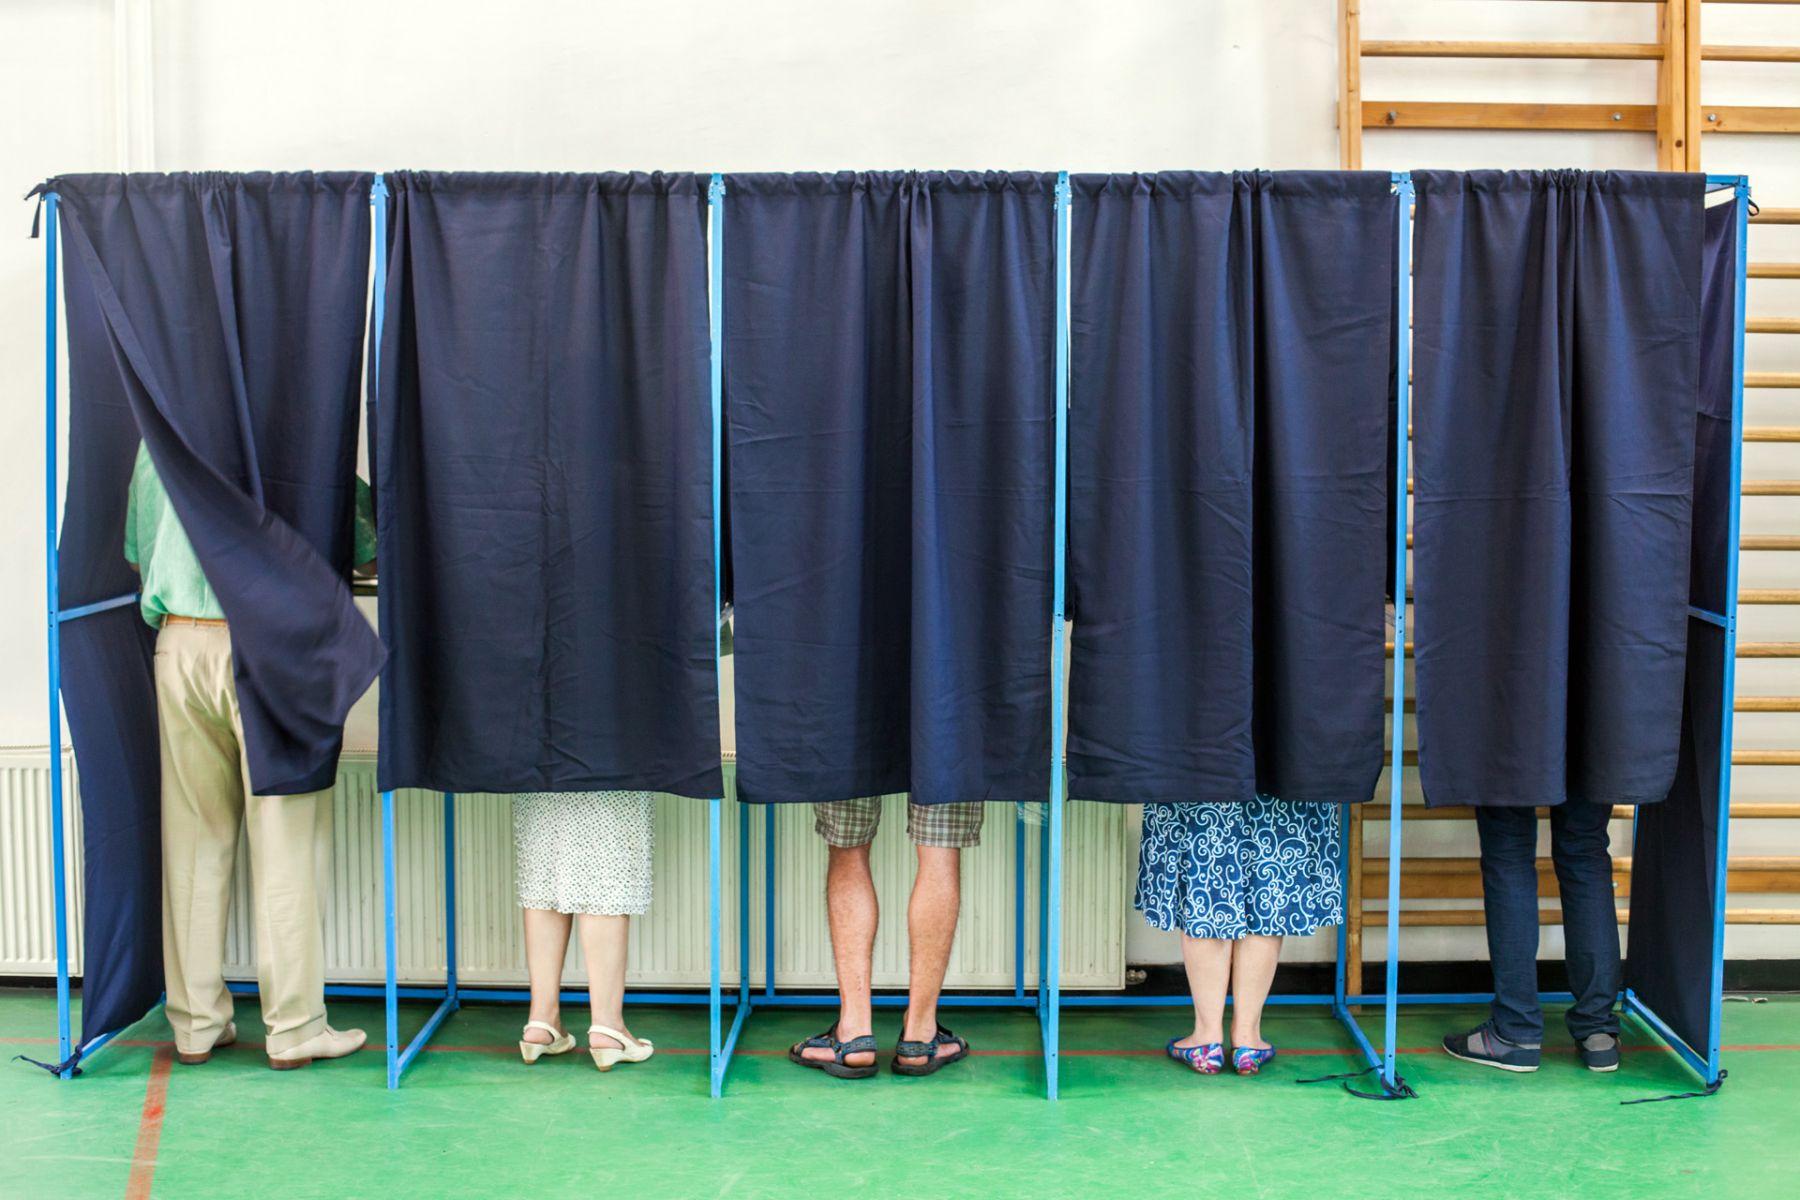 【懶人包】總統人選什麼時候才定案、明年還有沒有公投?一次看懂2020大選怎麼投